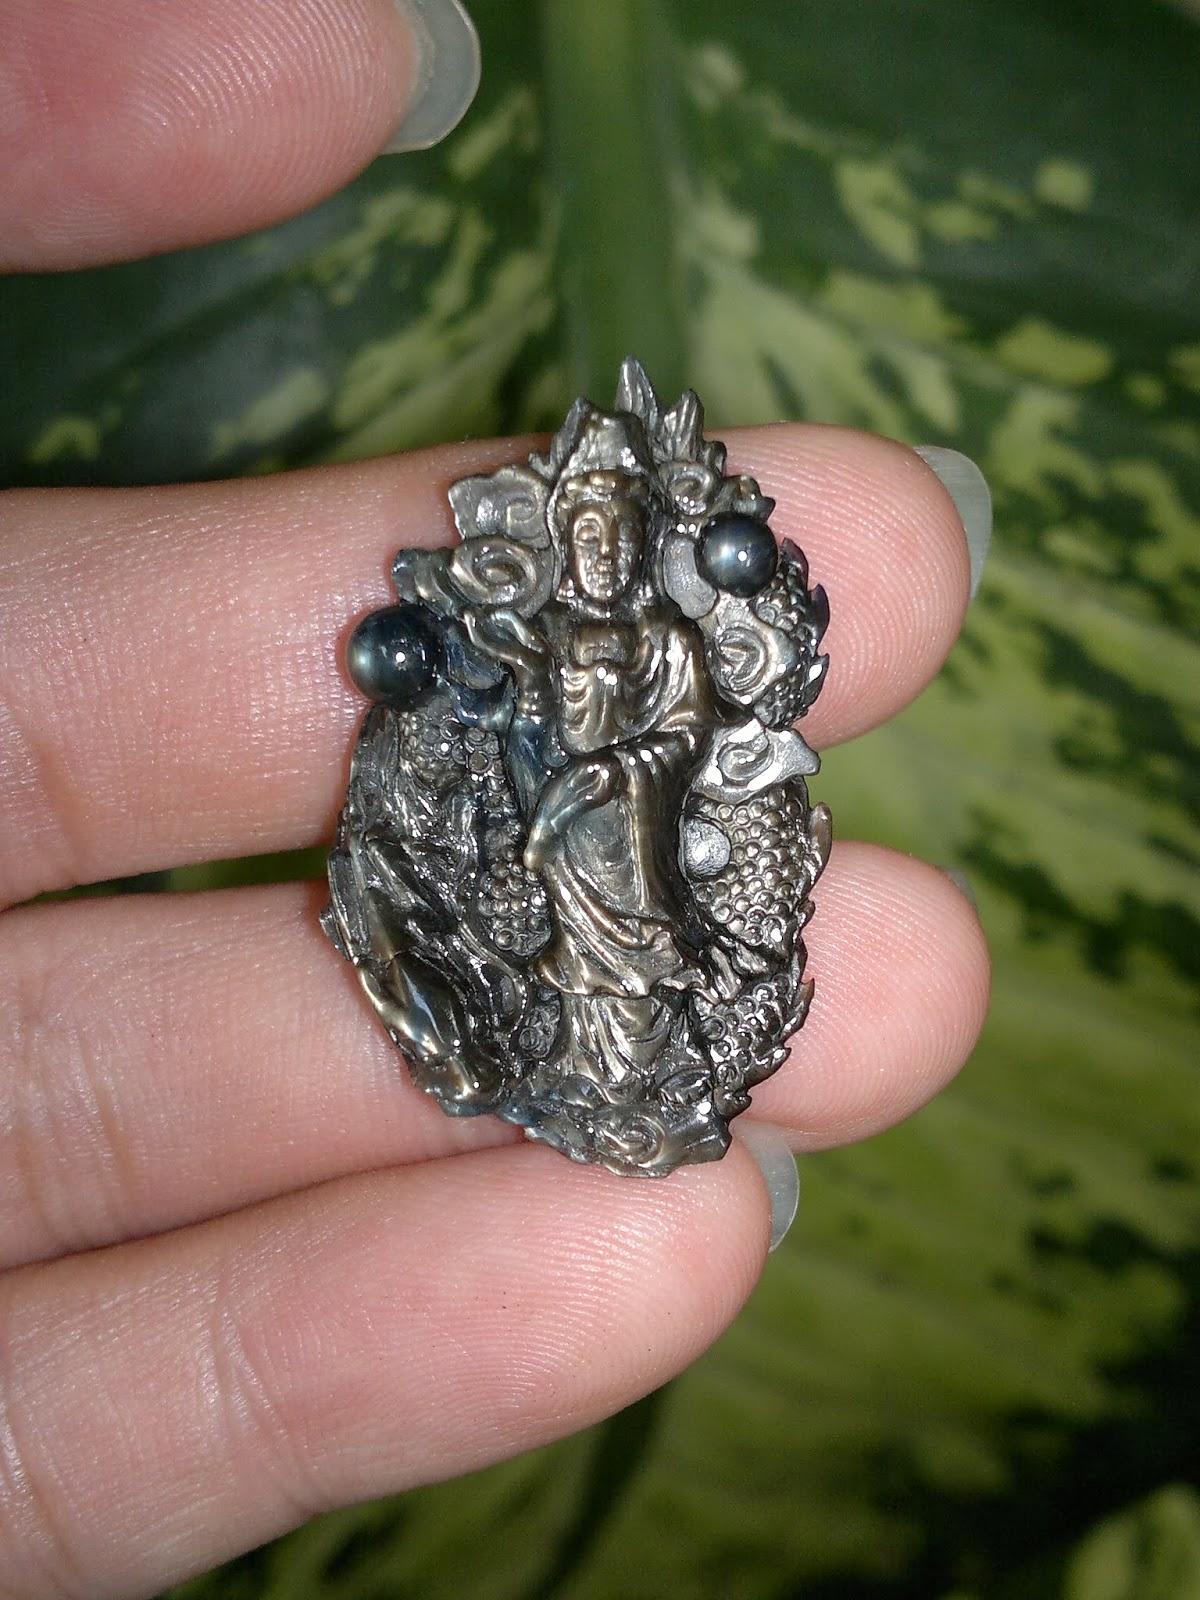 Mẹ Quán Thế Âm, đá quý Sapphire Phan Thiết thiên nhiên chạm tinh tế, toàn bộ trái châu đều lên sao đẹp tự nhiên